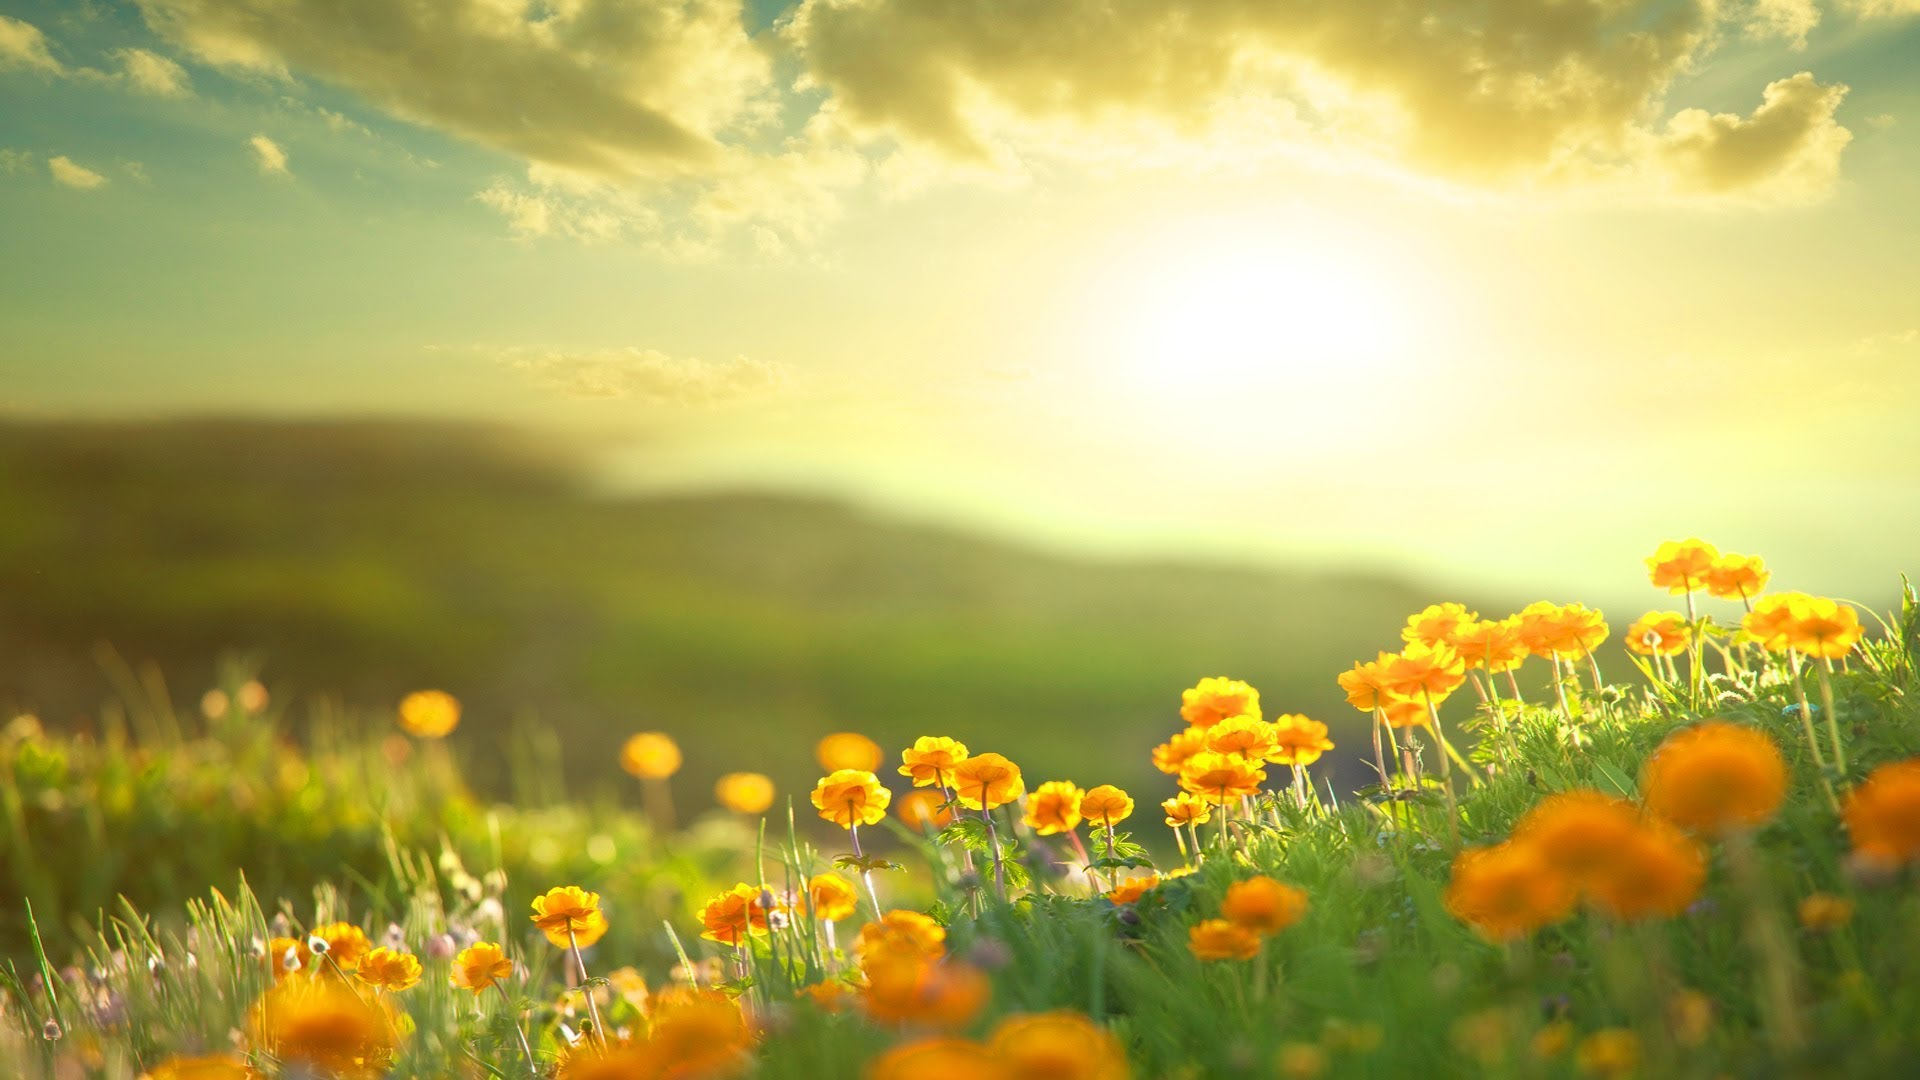 قدرشناس باشیم,مسیر زندگی,معجزه زندگی